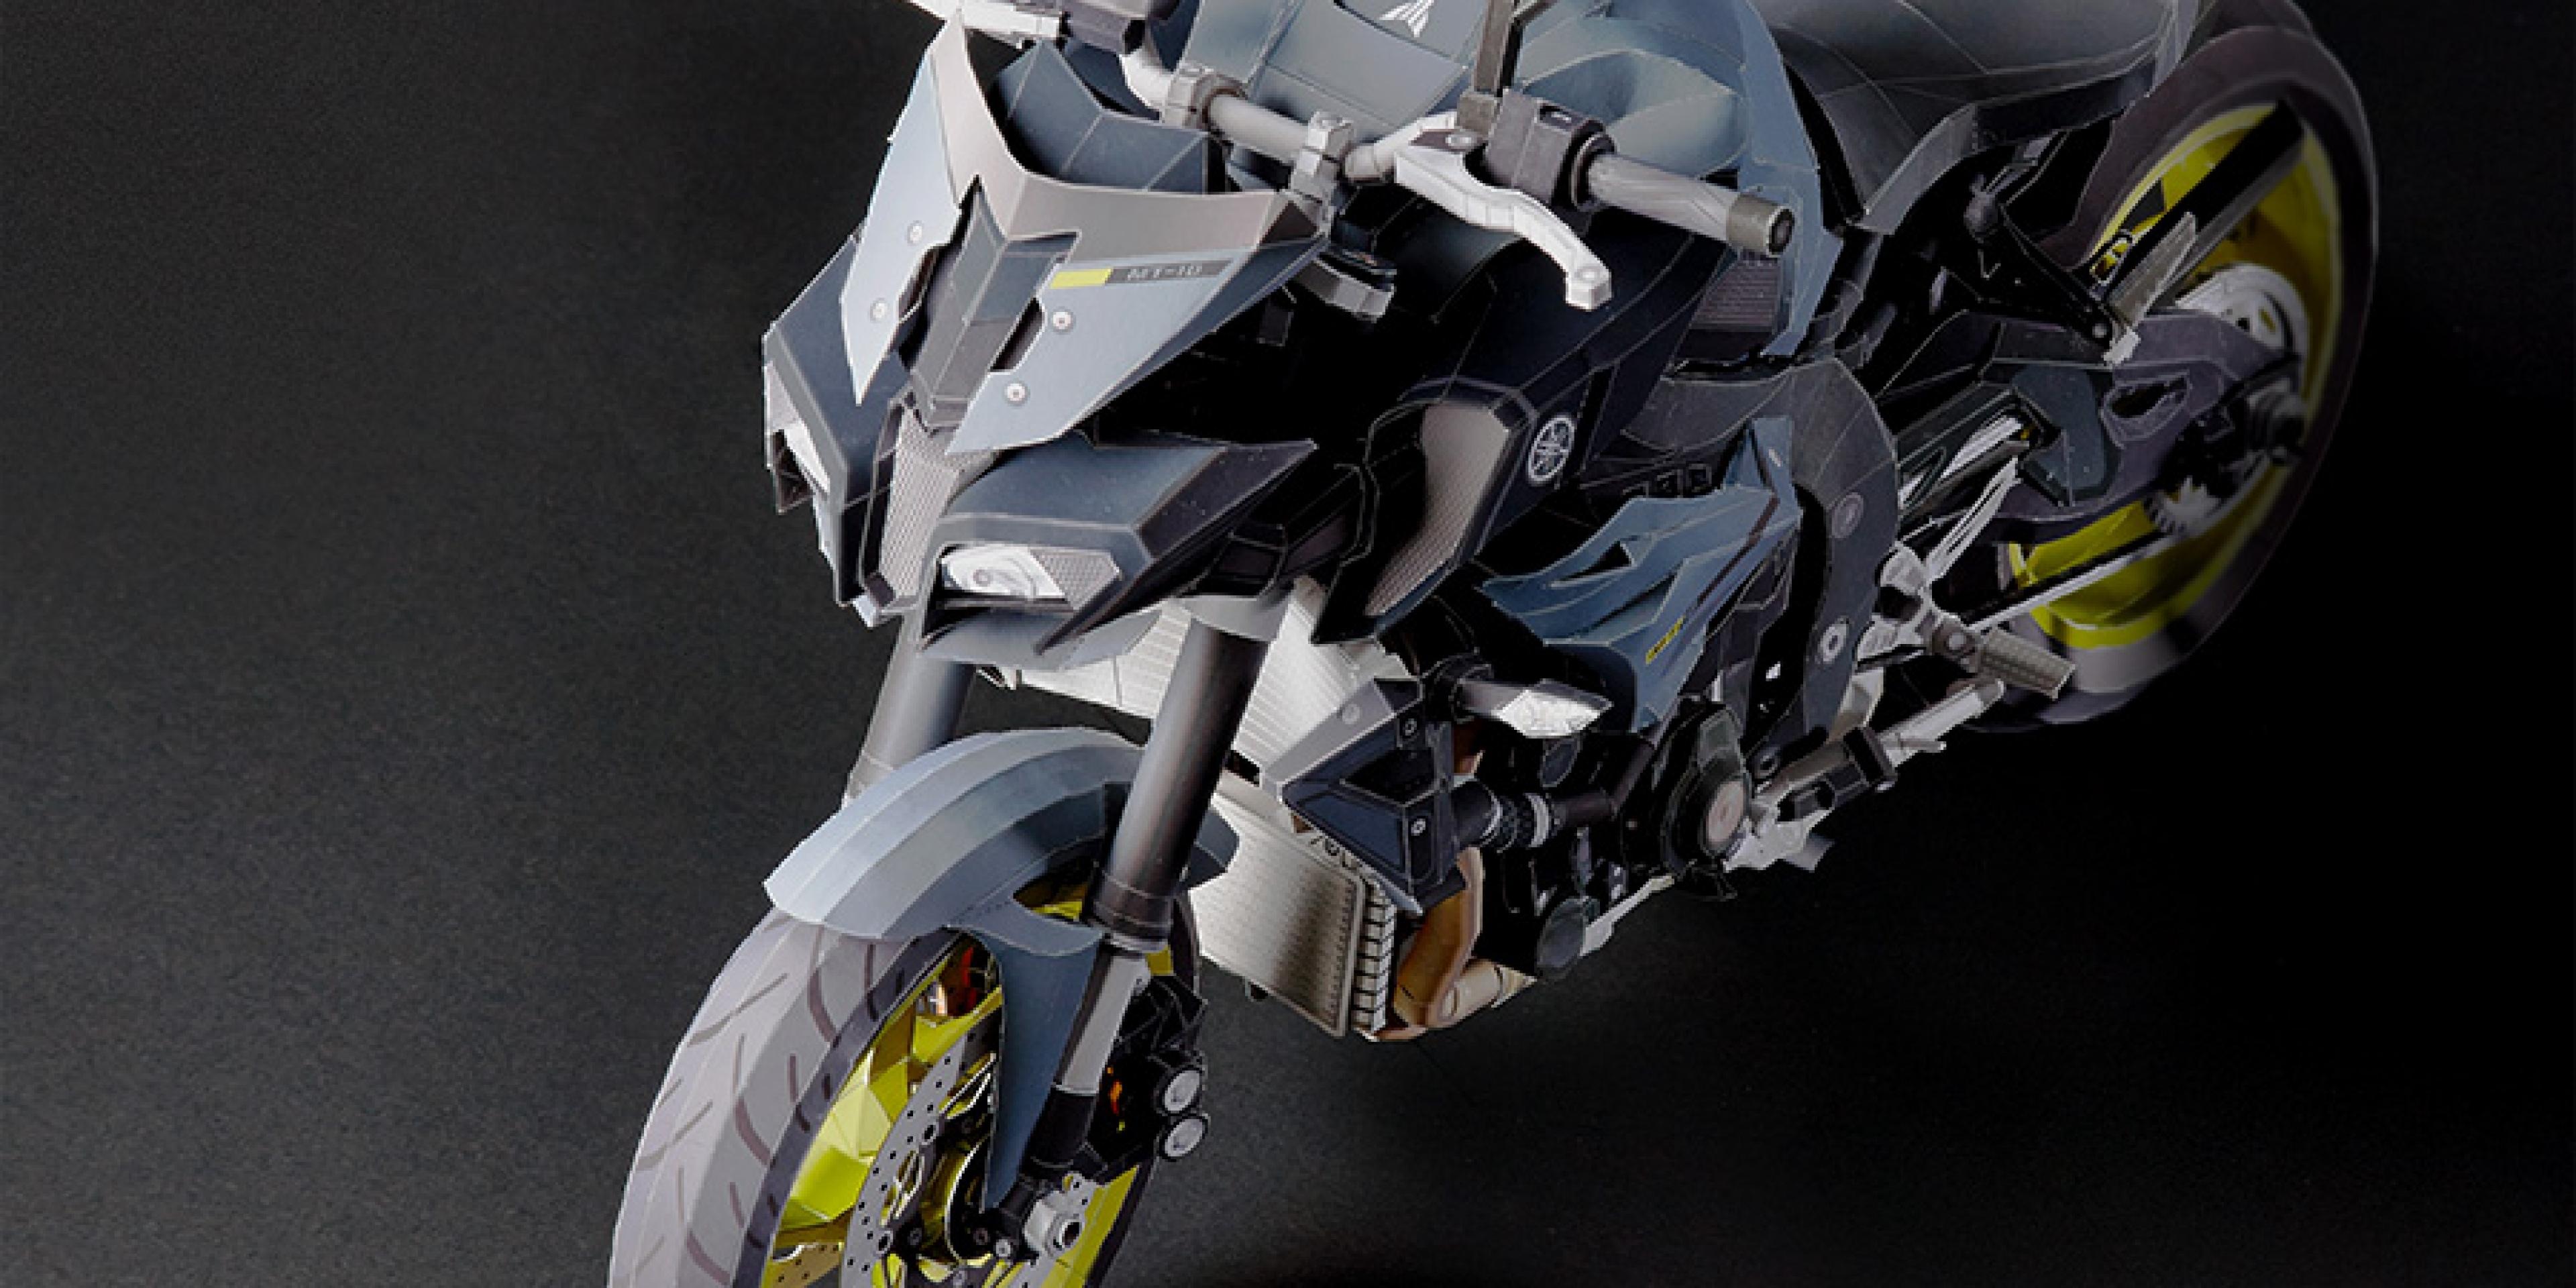 機械惡獸躍然紙上。YAMAHA MT-10 紙模型